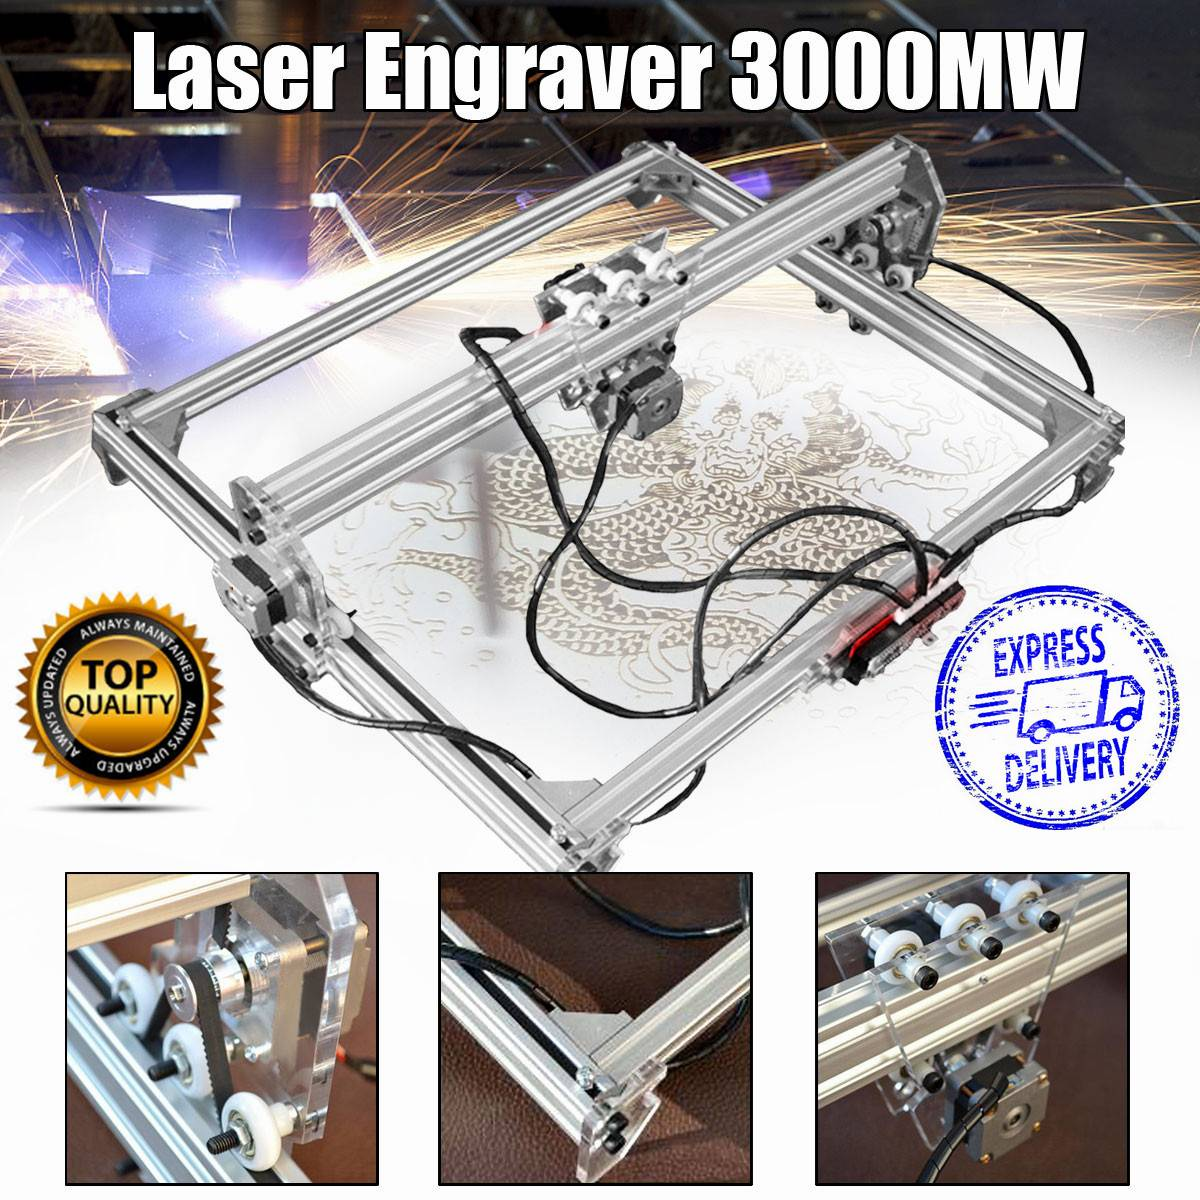 15 W/3000 mw 50*65 cm CNC Gravador Do Laser Máquina de Gravura Em Metal/Madeira Router/ DIY Cortador 2 Axis Gravador Área De Trabalho do Cortador A Laser +